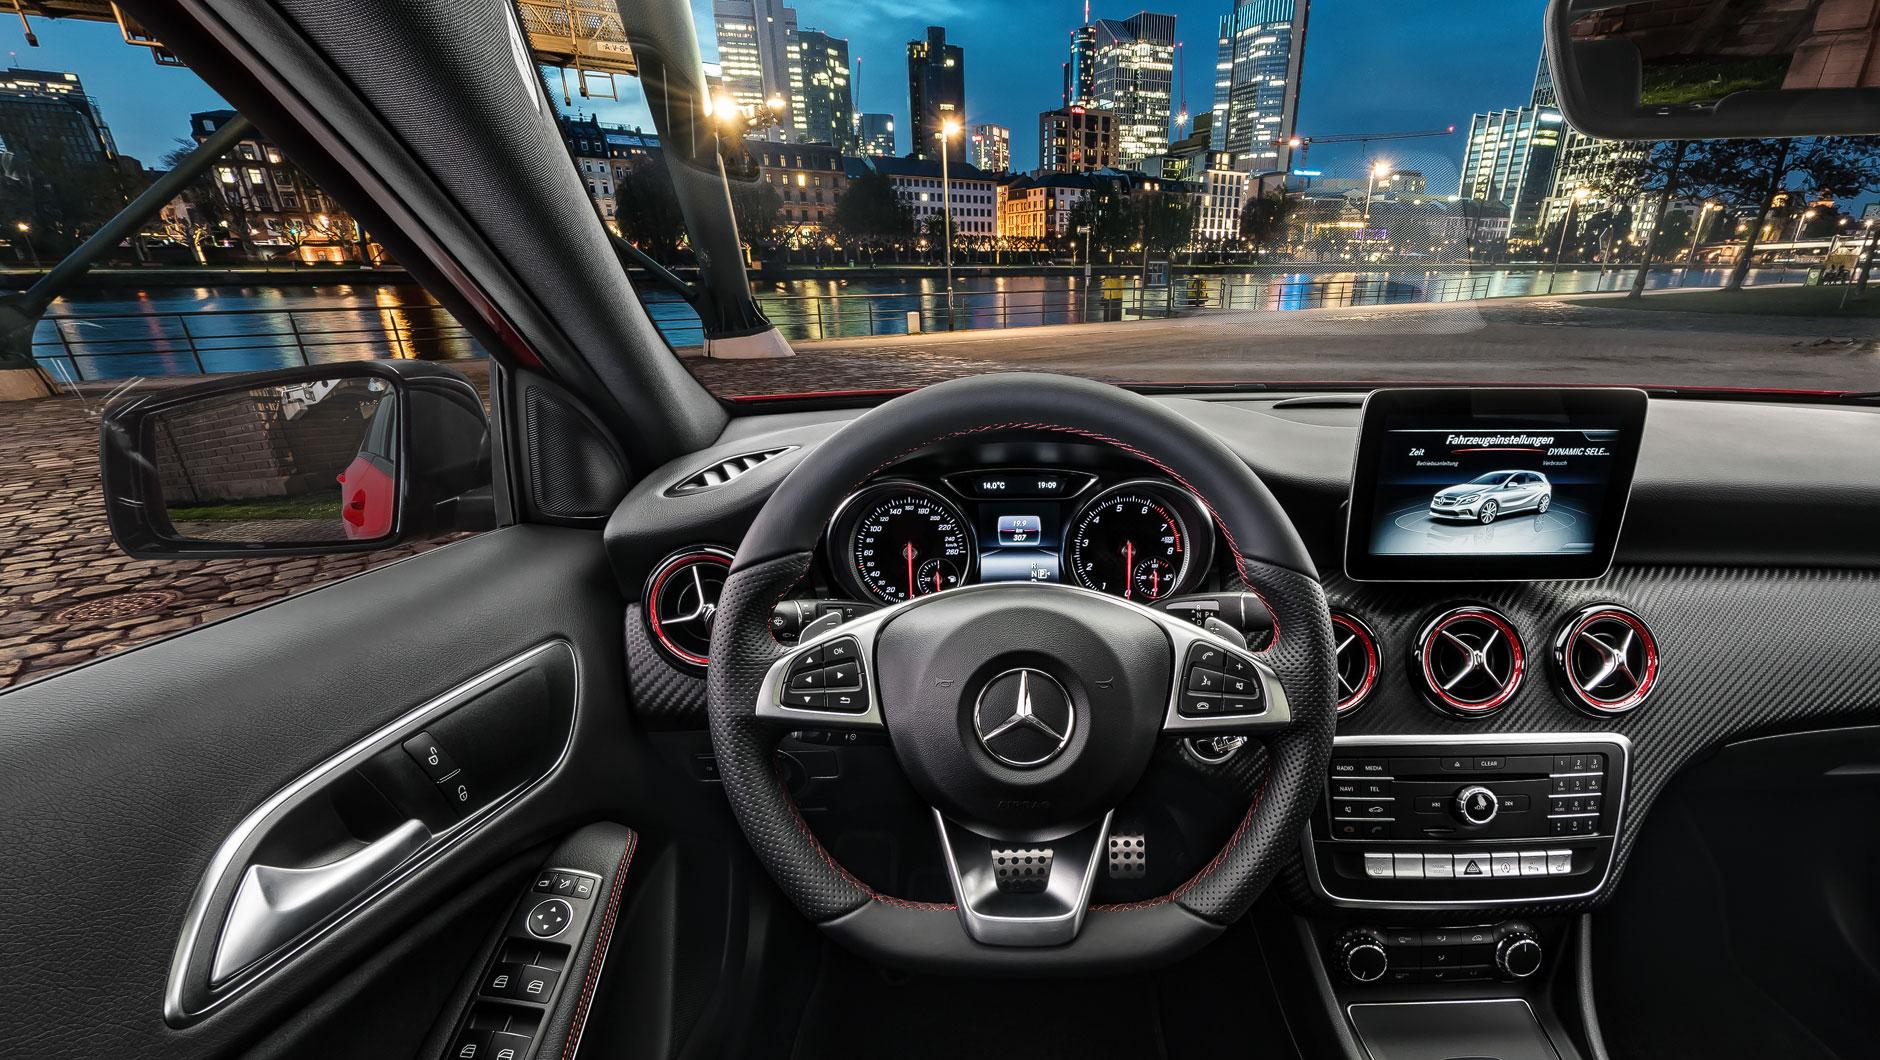 Mercedes Benz Coupe >> Interaktive 360-Grad-Bilder vom Interior verschiedener ...